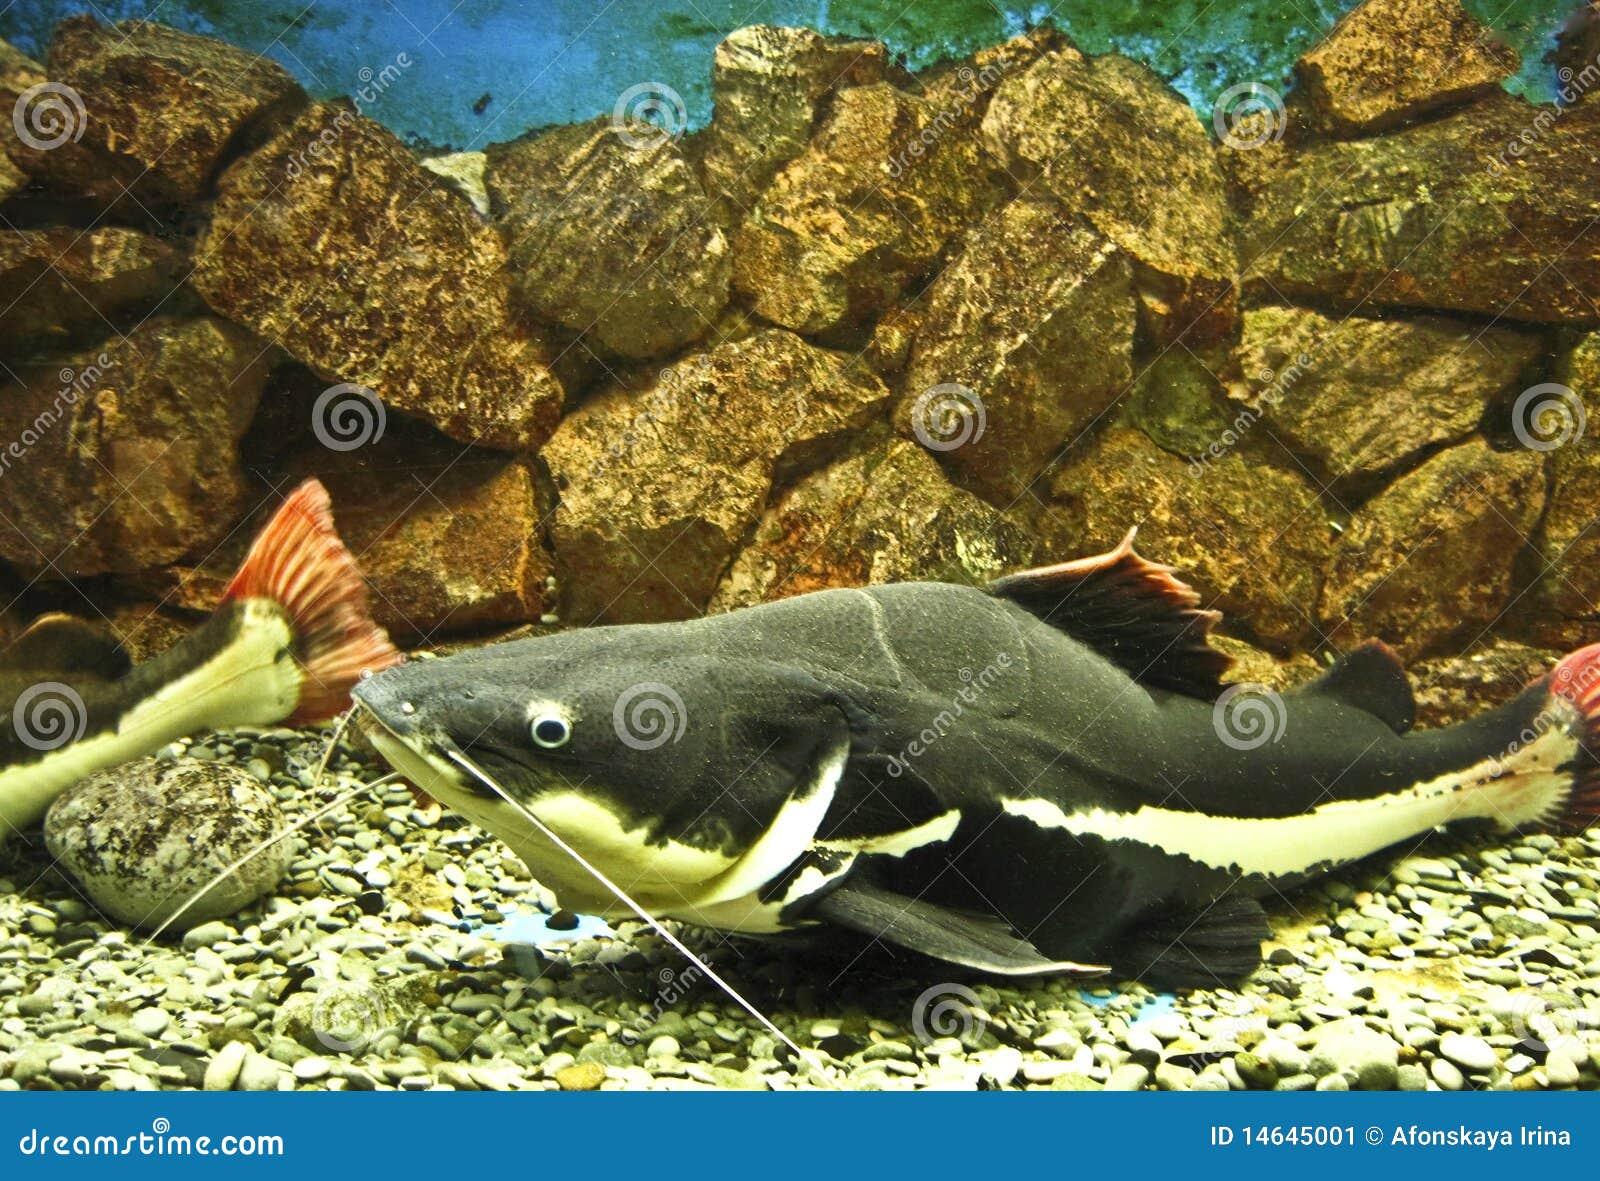 Sheatfish Phractocephalus hioliopterus, recorded in acquarium in town ...